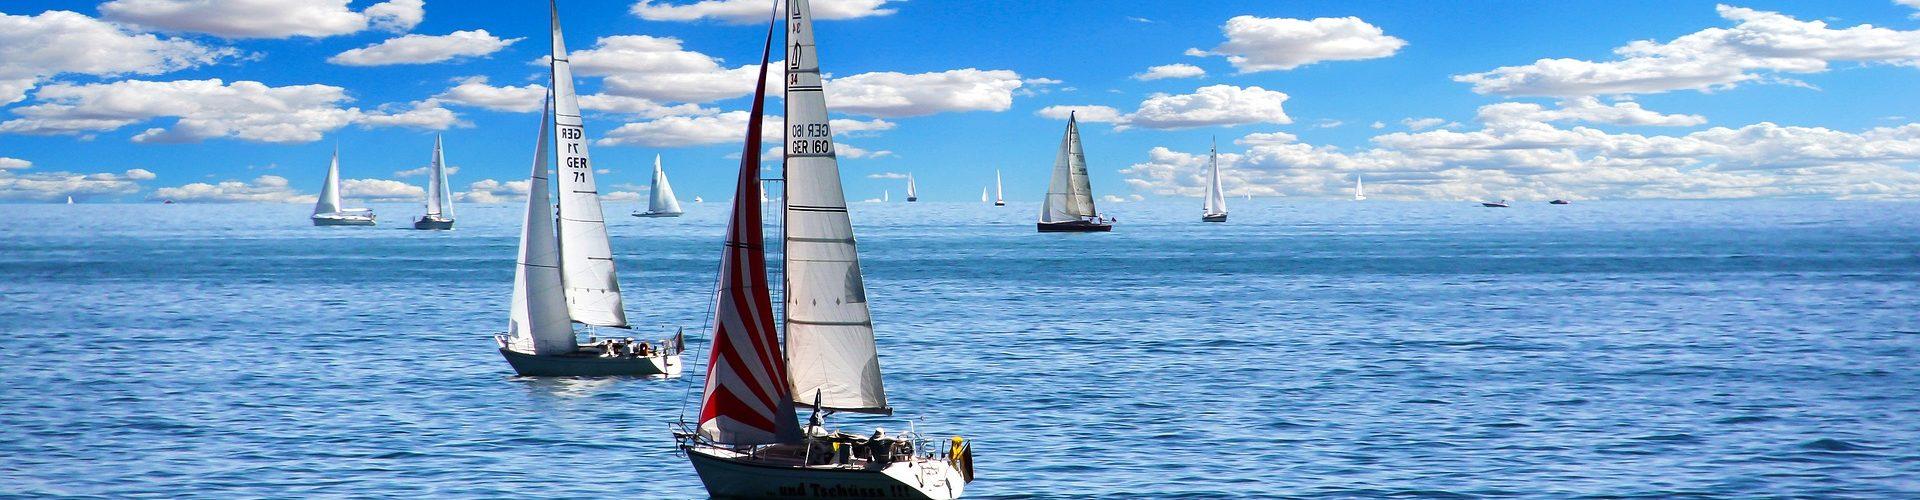 segeln lernen in Völklingen segelschein machen in Völklingen 1920x500 - Segeln lernen in Völklingen